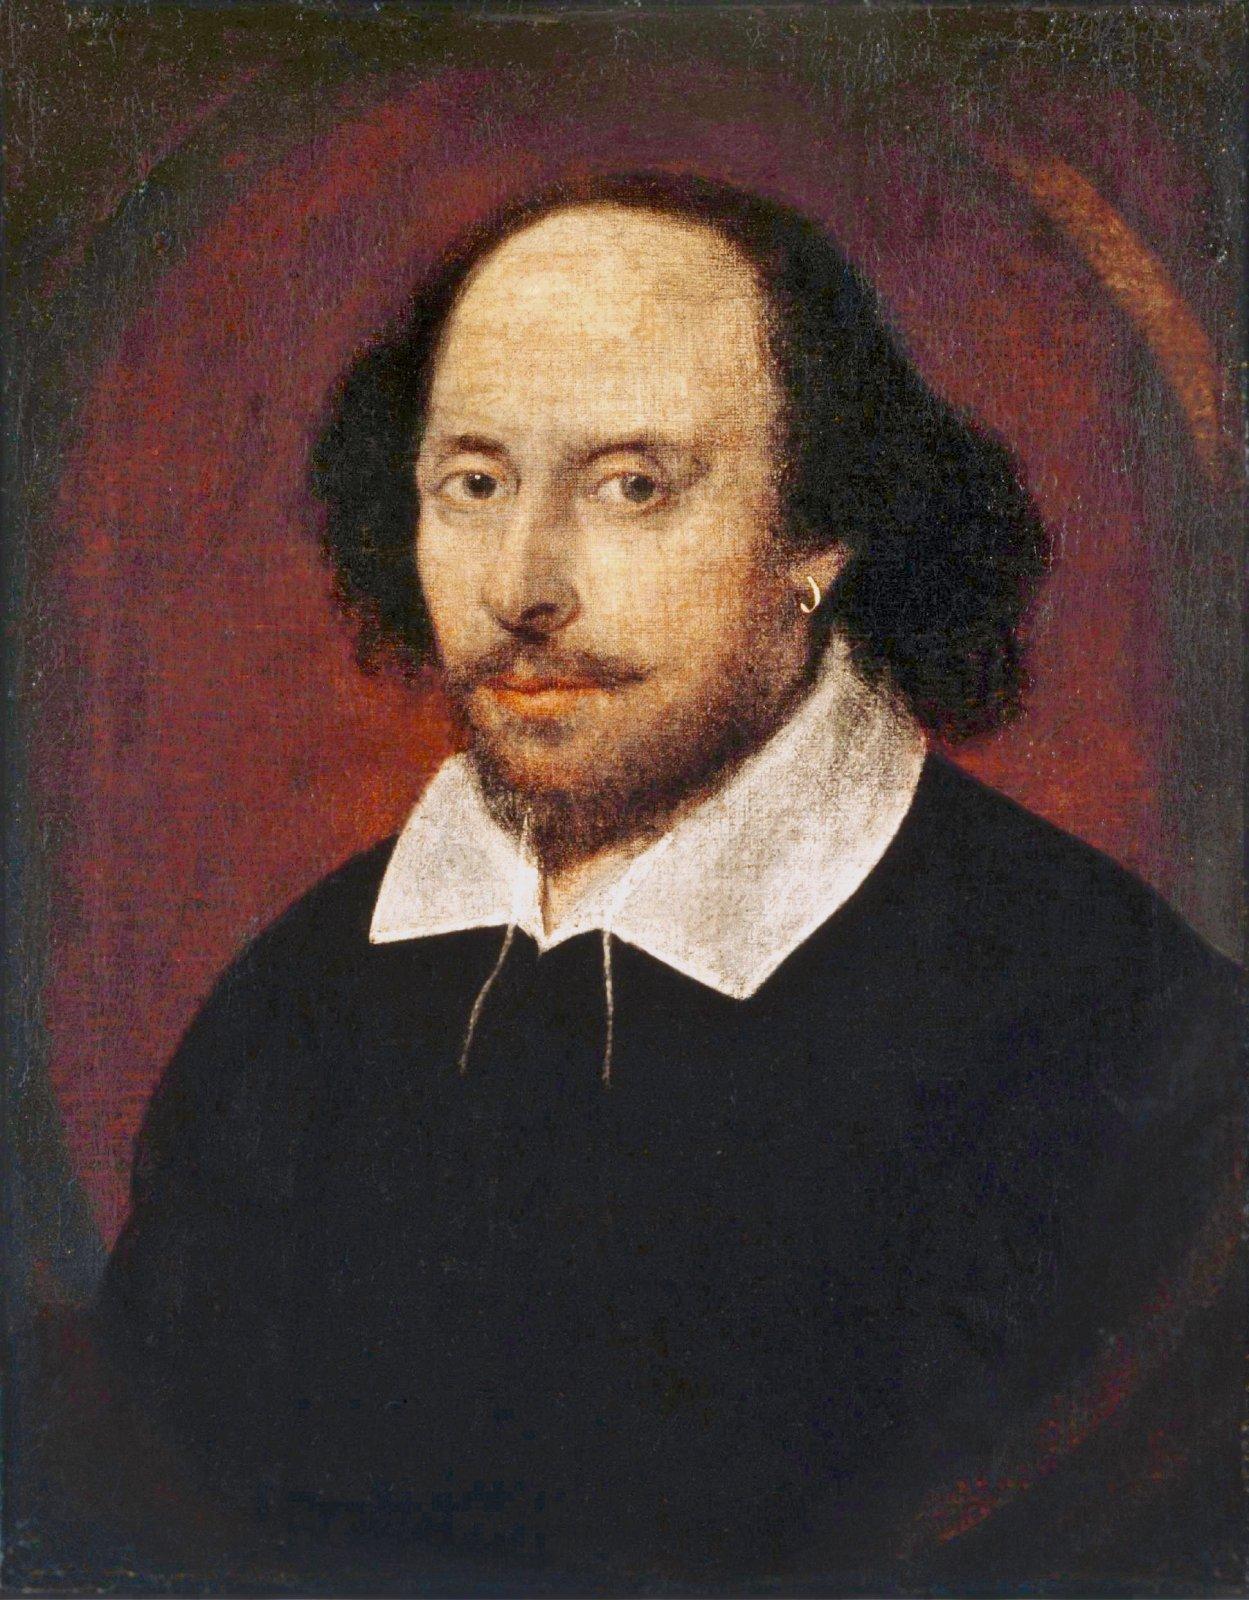 Стратфорд-на-Эйвоне. Был Шекспир или не был?